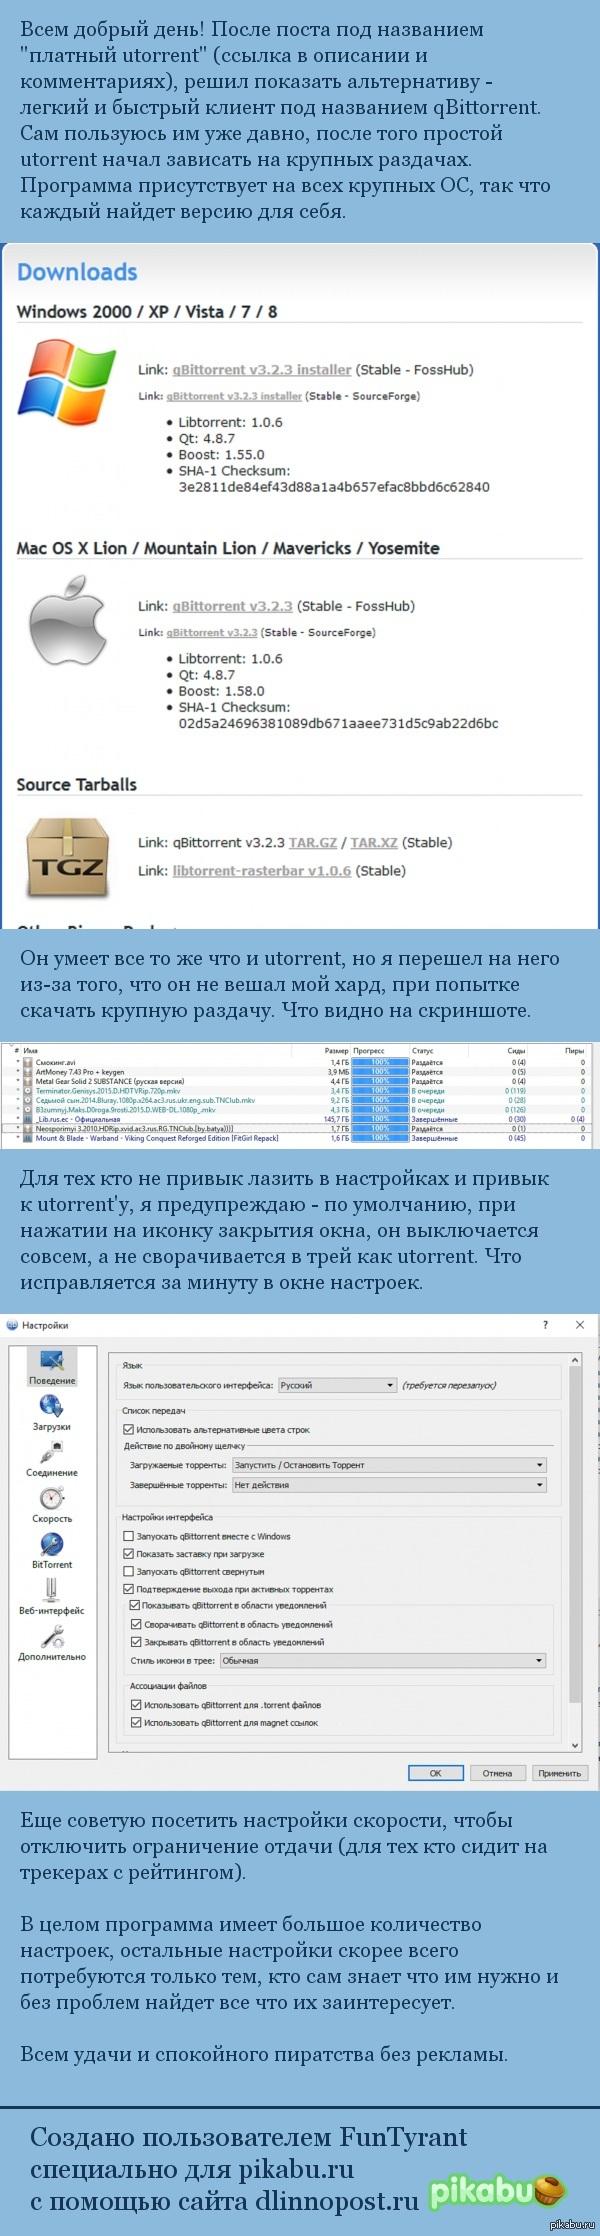 """qBittorrent - адекватная альтернатива uTorrent'у, в связи с лицензированием uTorrent. В связи с комментариями, предлагаю создать тег """"альтторрент"""" и описать как можно больше альтернативных вариантов для пикабушников. Ссылки перенес в"""